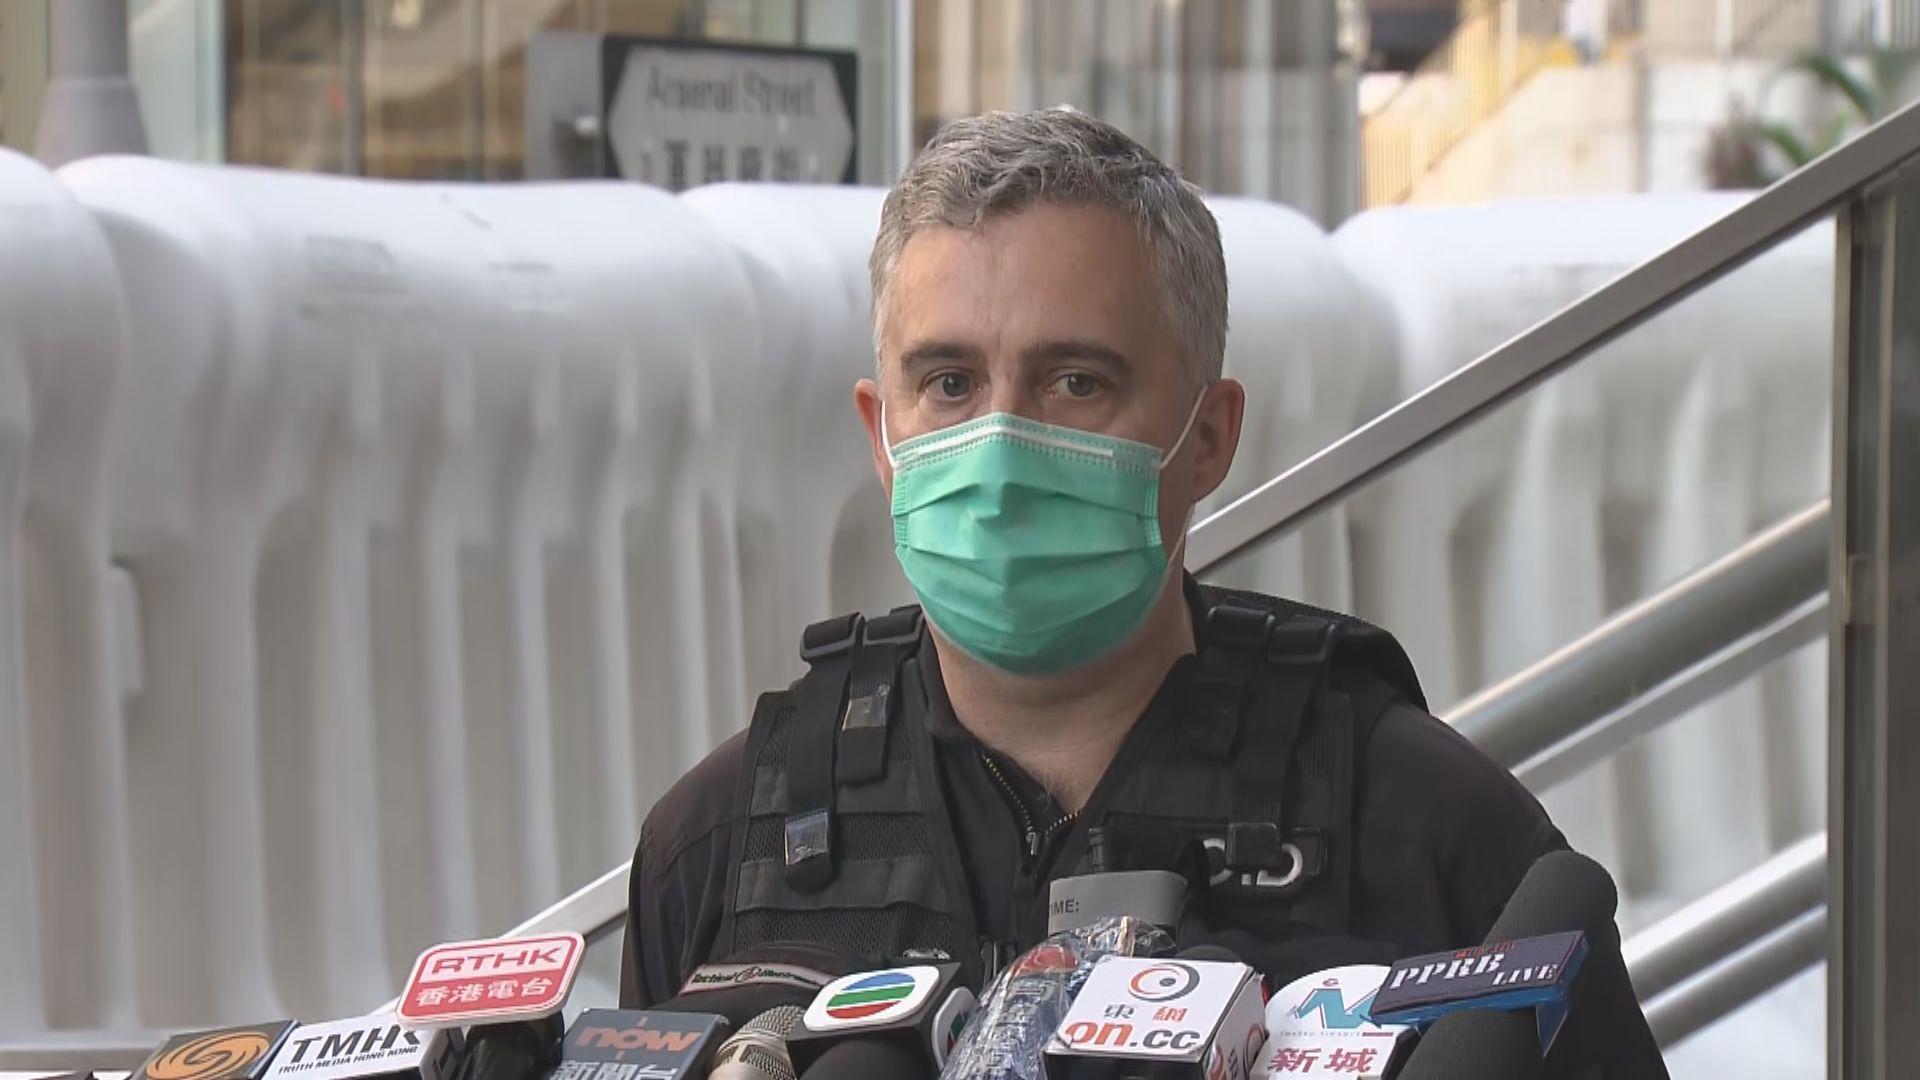 警總收到疑似土製爆炸品郵件 裝置一度冒煙無人傷